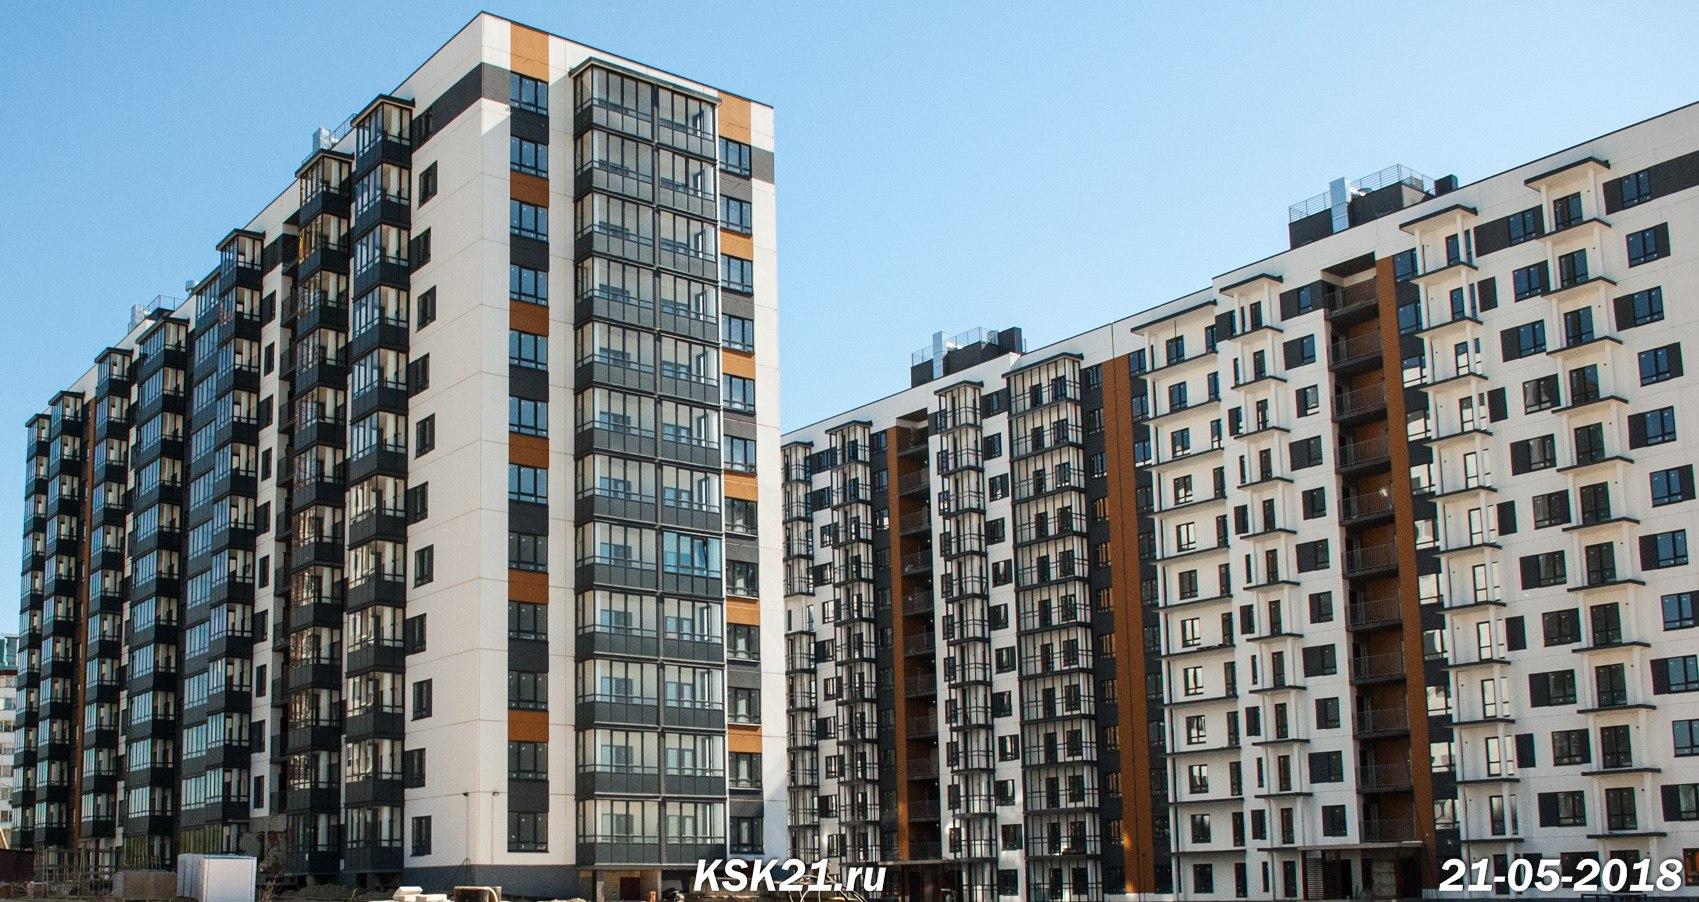 Строительная компания кск Ижевск строительные организации кингисепп